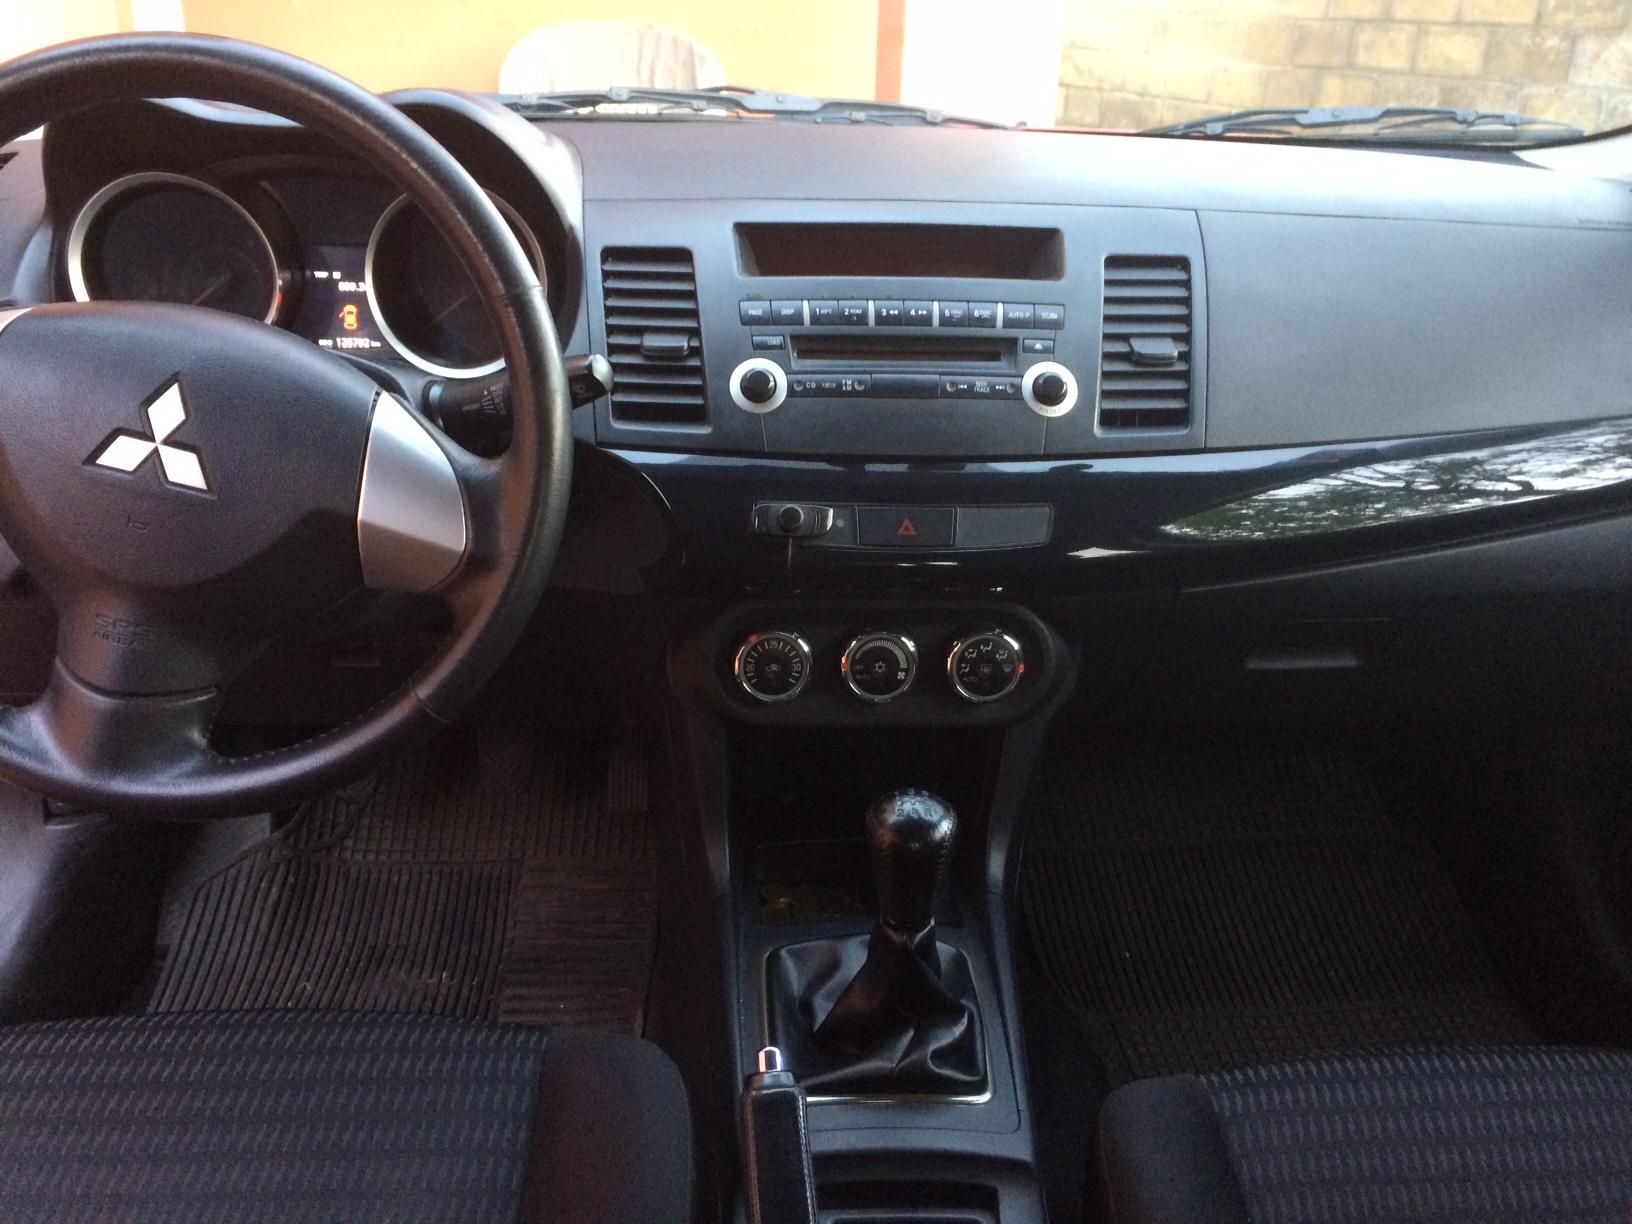 Mitsubishi Lancer 1.6 RT Mecanico año 2012